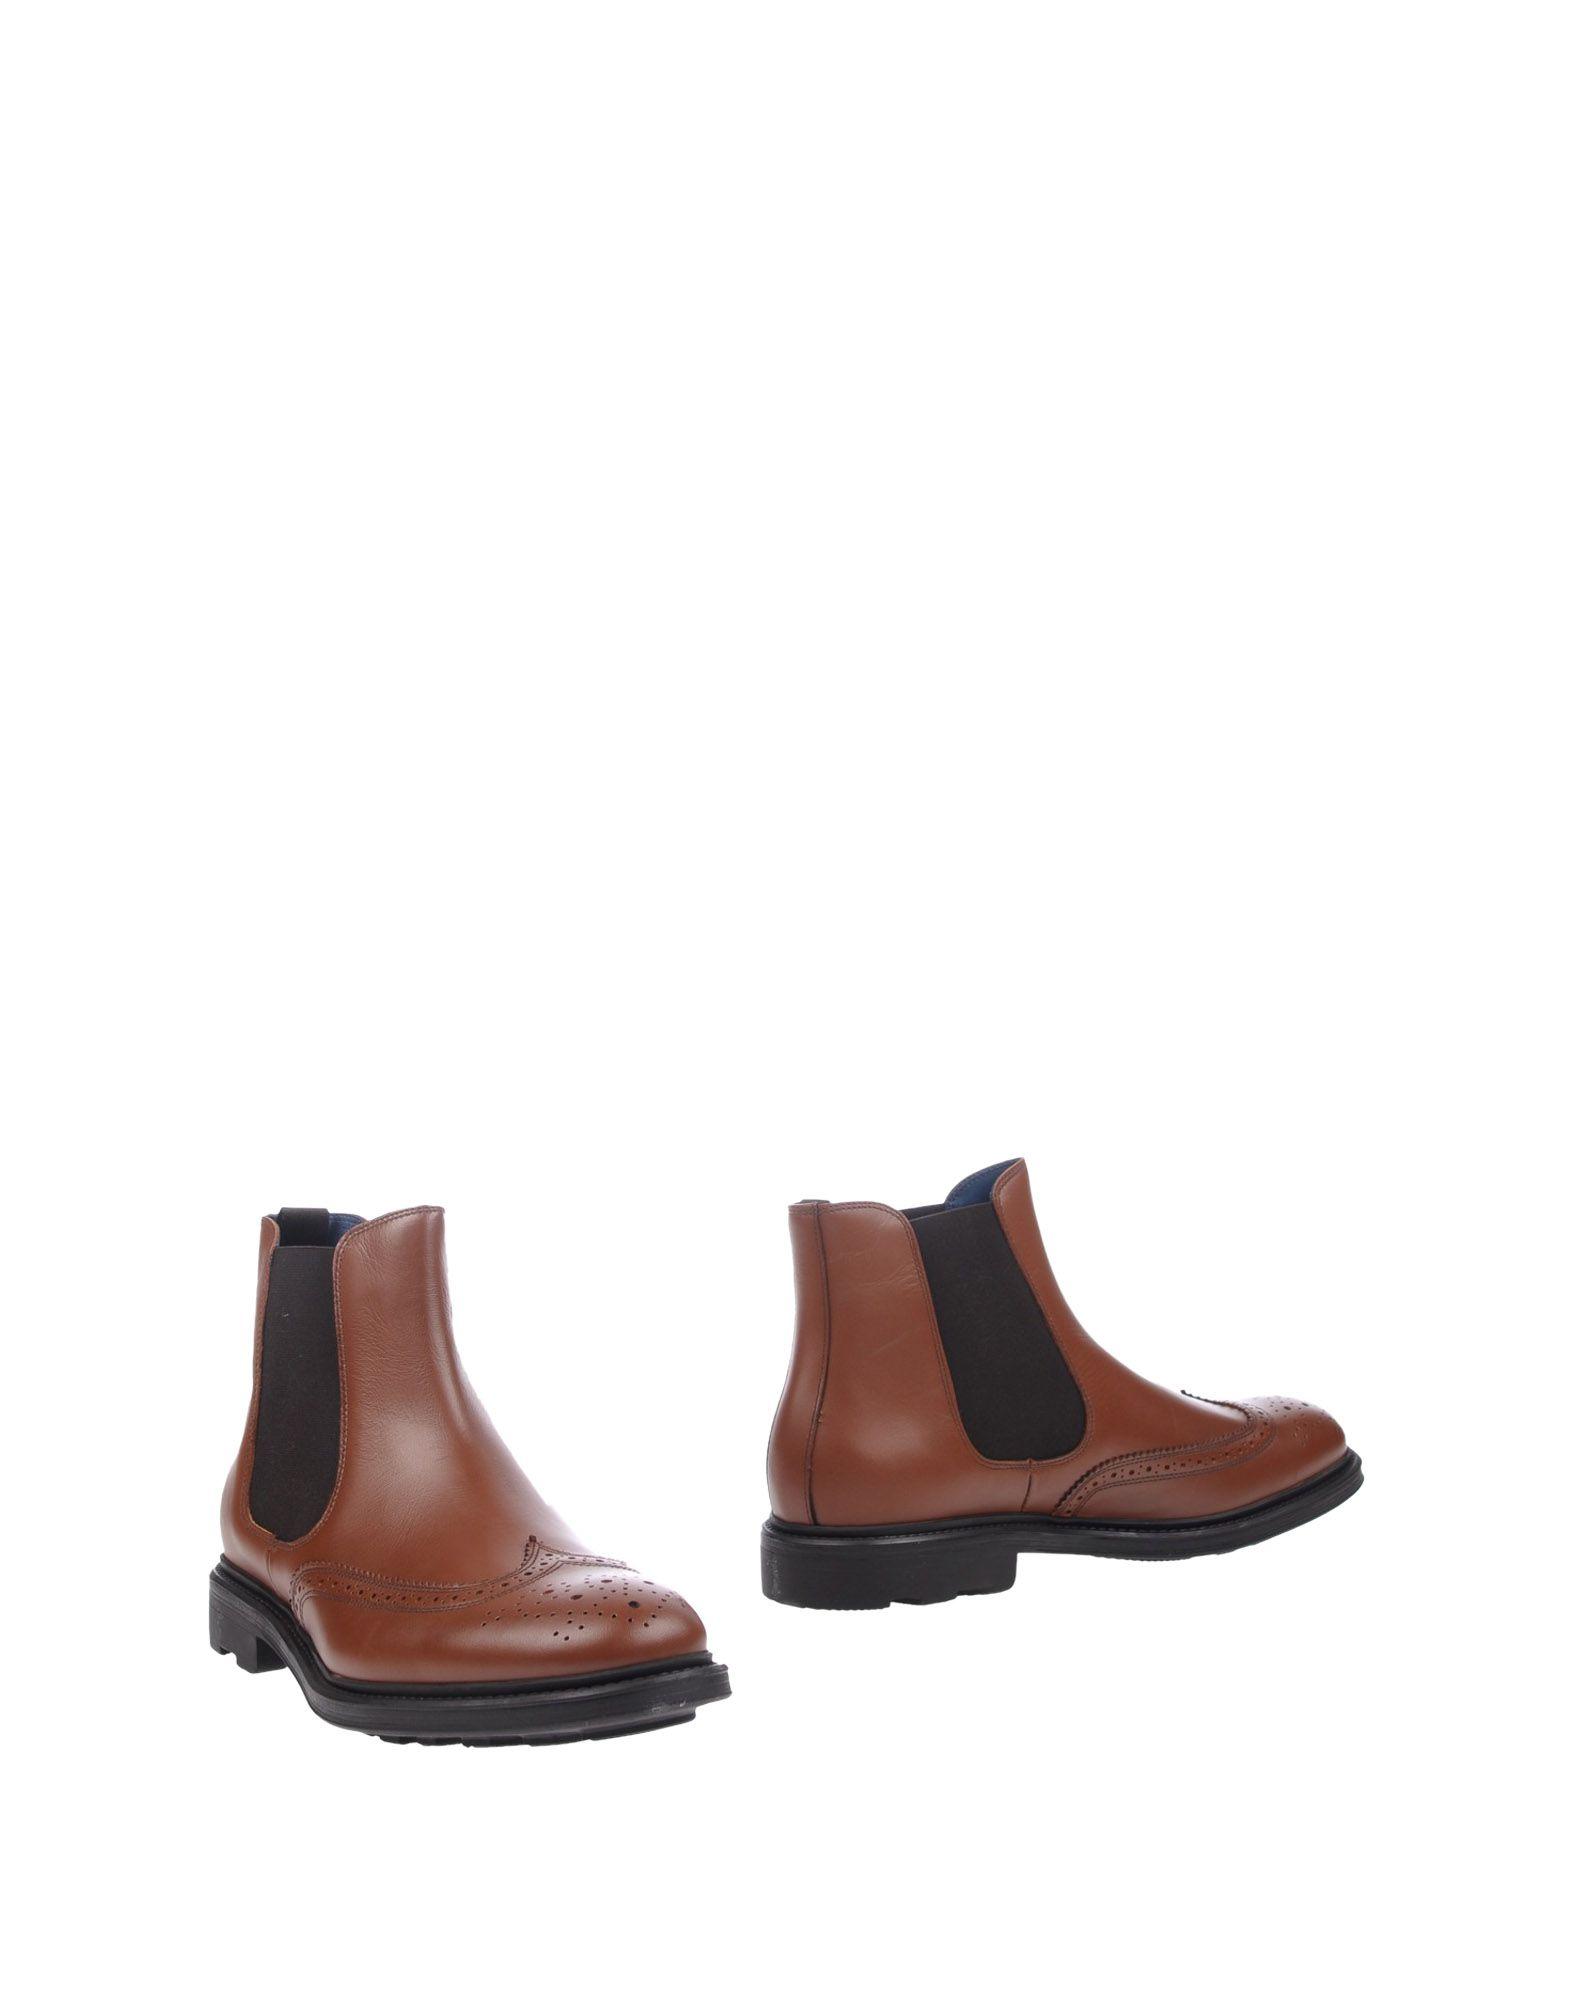 DOUCAL'S Полусапоги и высокие ботинки купить футбольную форму челси торрес